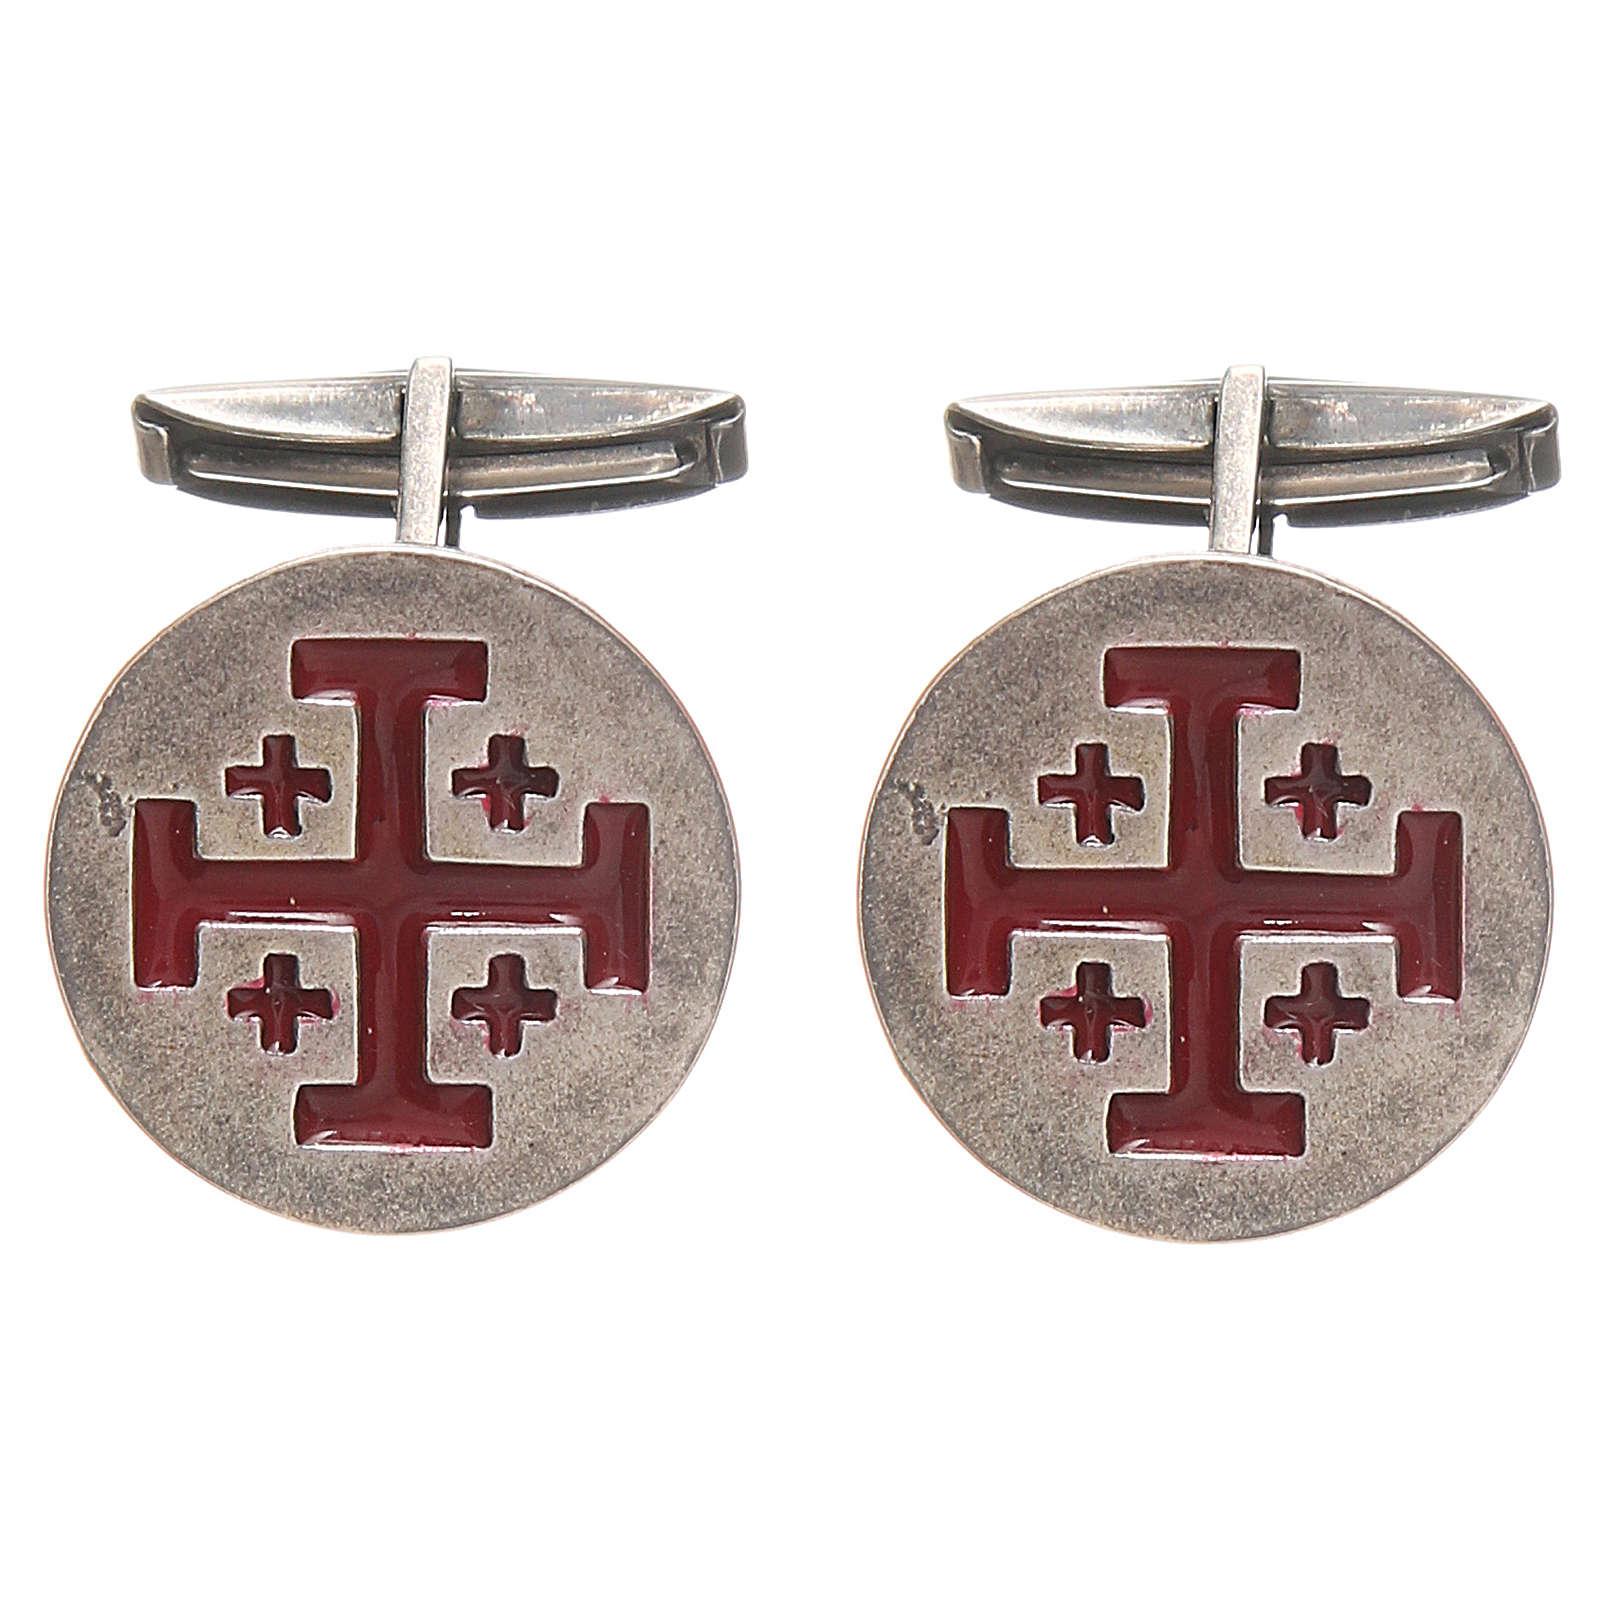 Spinki do koszuli srebro 925 Krzyż Jerozolimski 1.9 cm 4